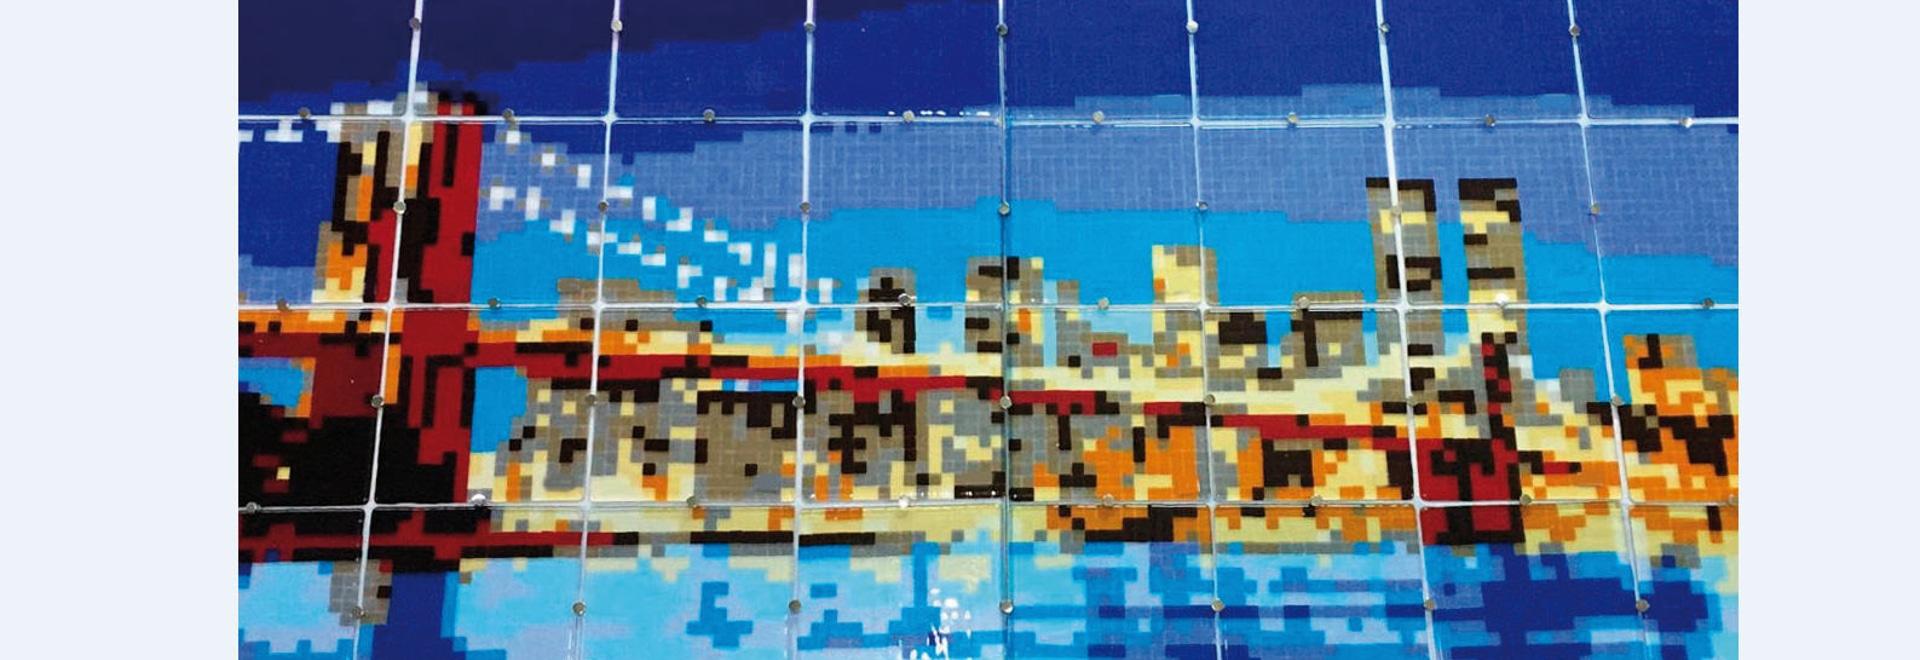 El panel de cristal retroiluminado de Murano - puente de Brooklyn